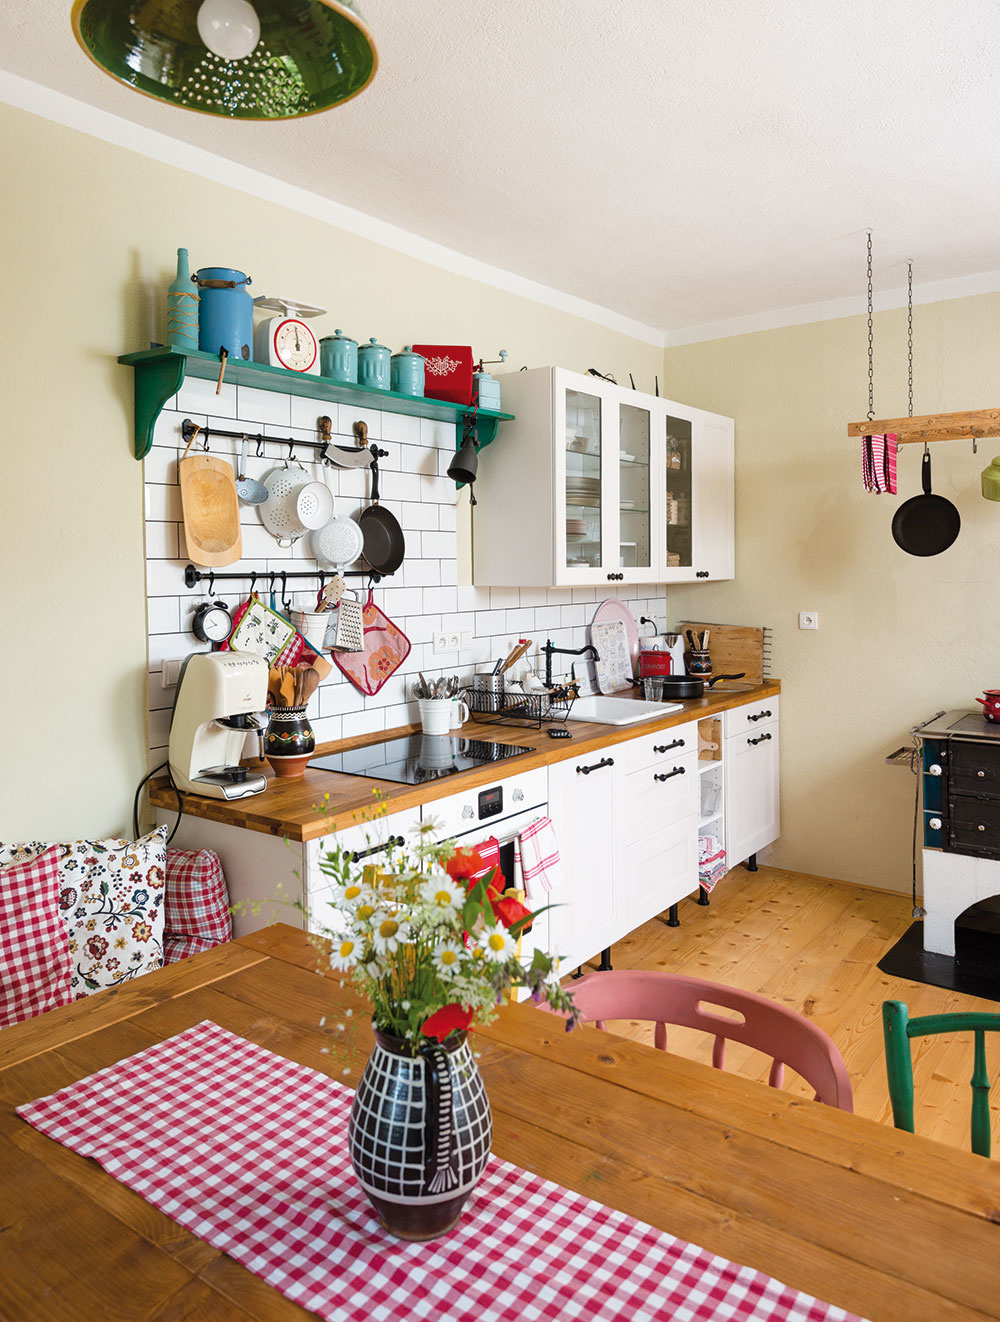 Kuchynskú linku zIkei tiež čaká zmena. Majitelia domu ju plánujú vkrátkom čase premaľovať.